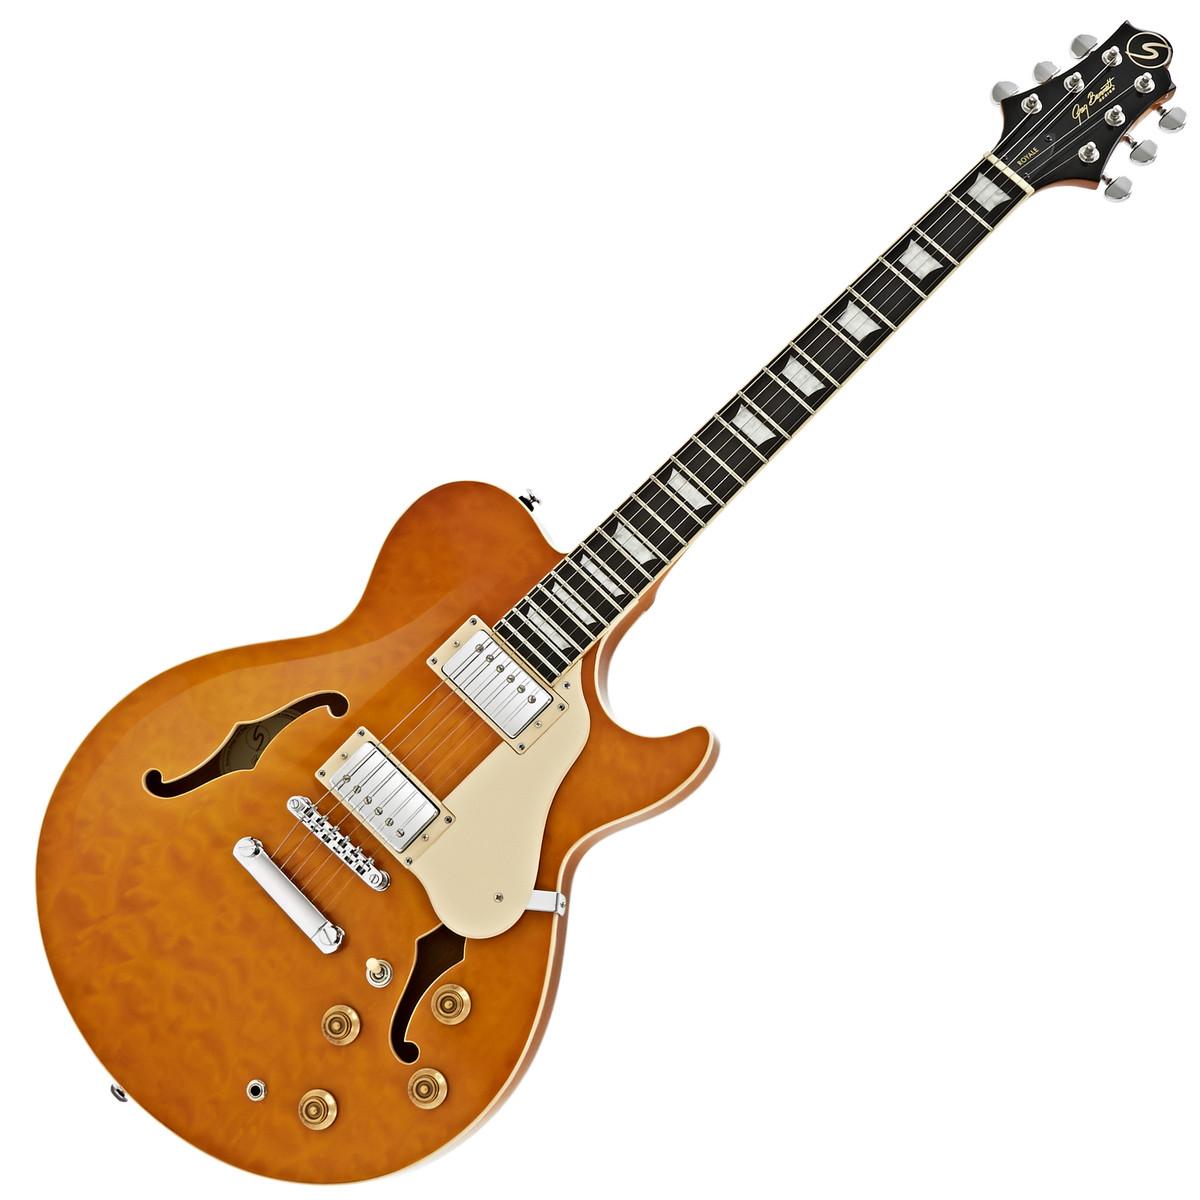 greg bennett royale rl 3 guitare lectrique ambre. Black Bedroom Furniture Sets. Home Design Ideas